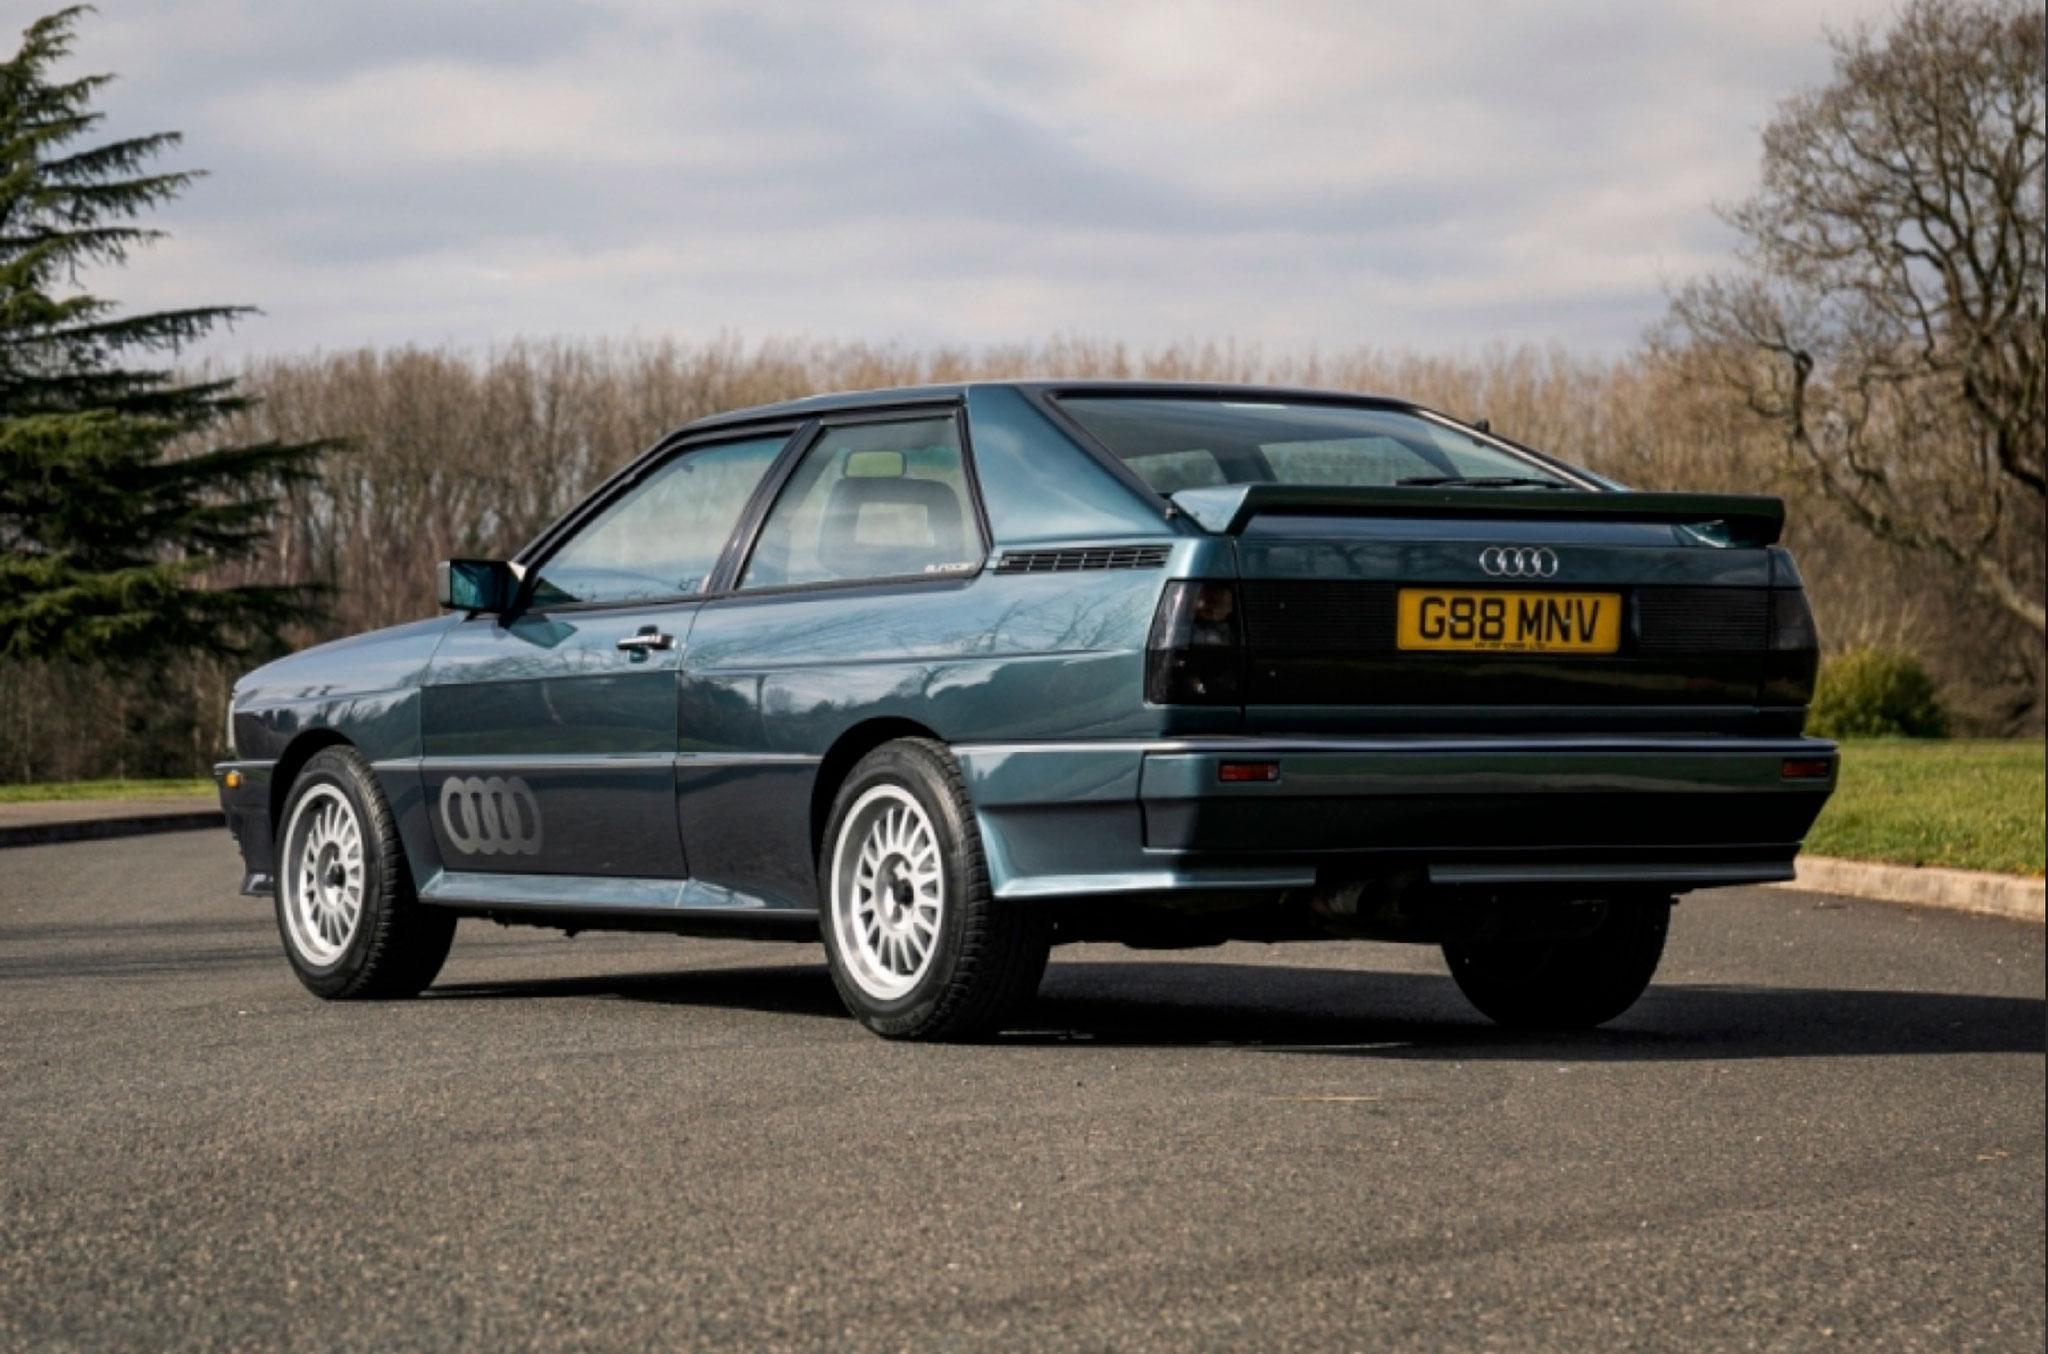 1990 Audi Quattro 20V trois quarts arrière gauche - Classic Car Auctions mars 2021.